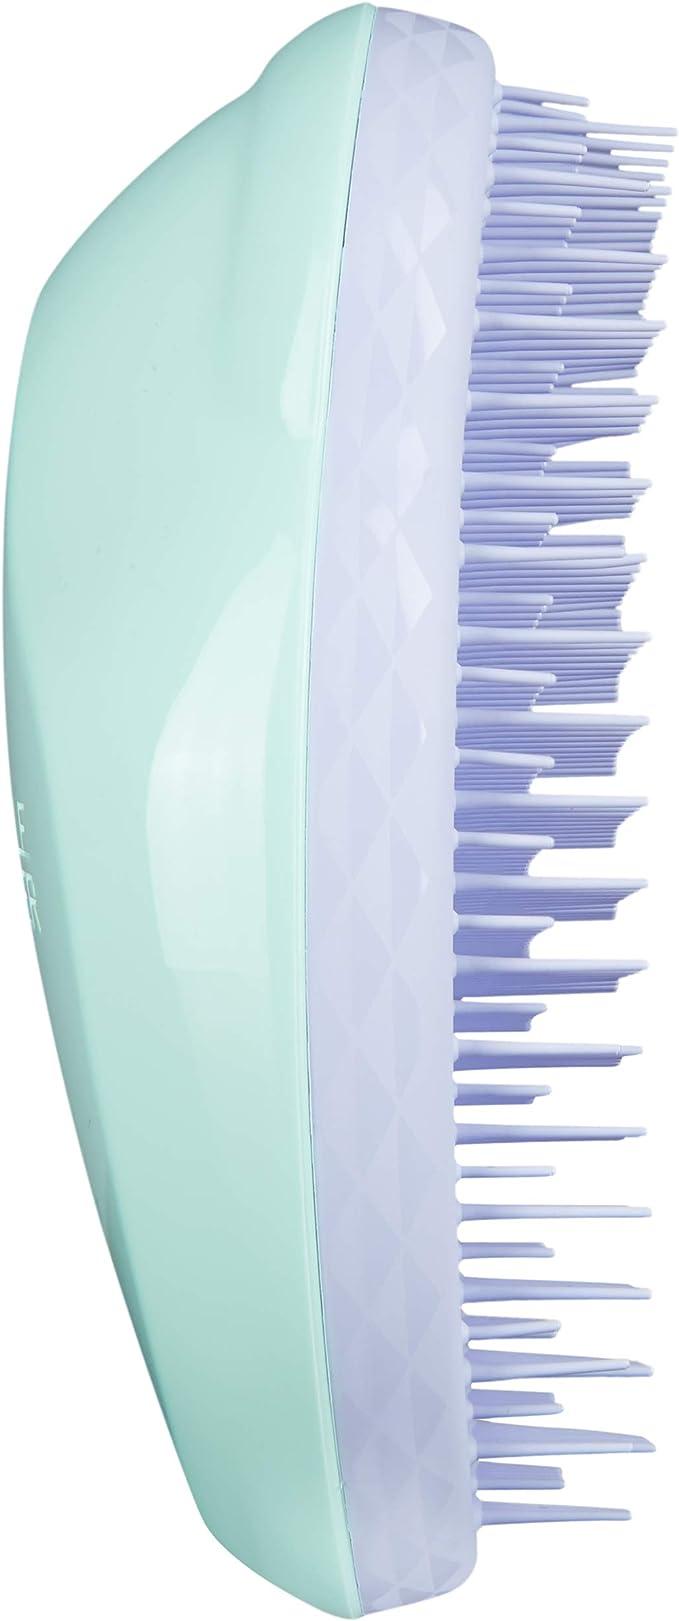 cepillo masajeador de pelo para meter el dedo